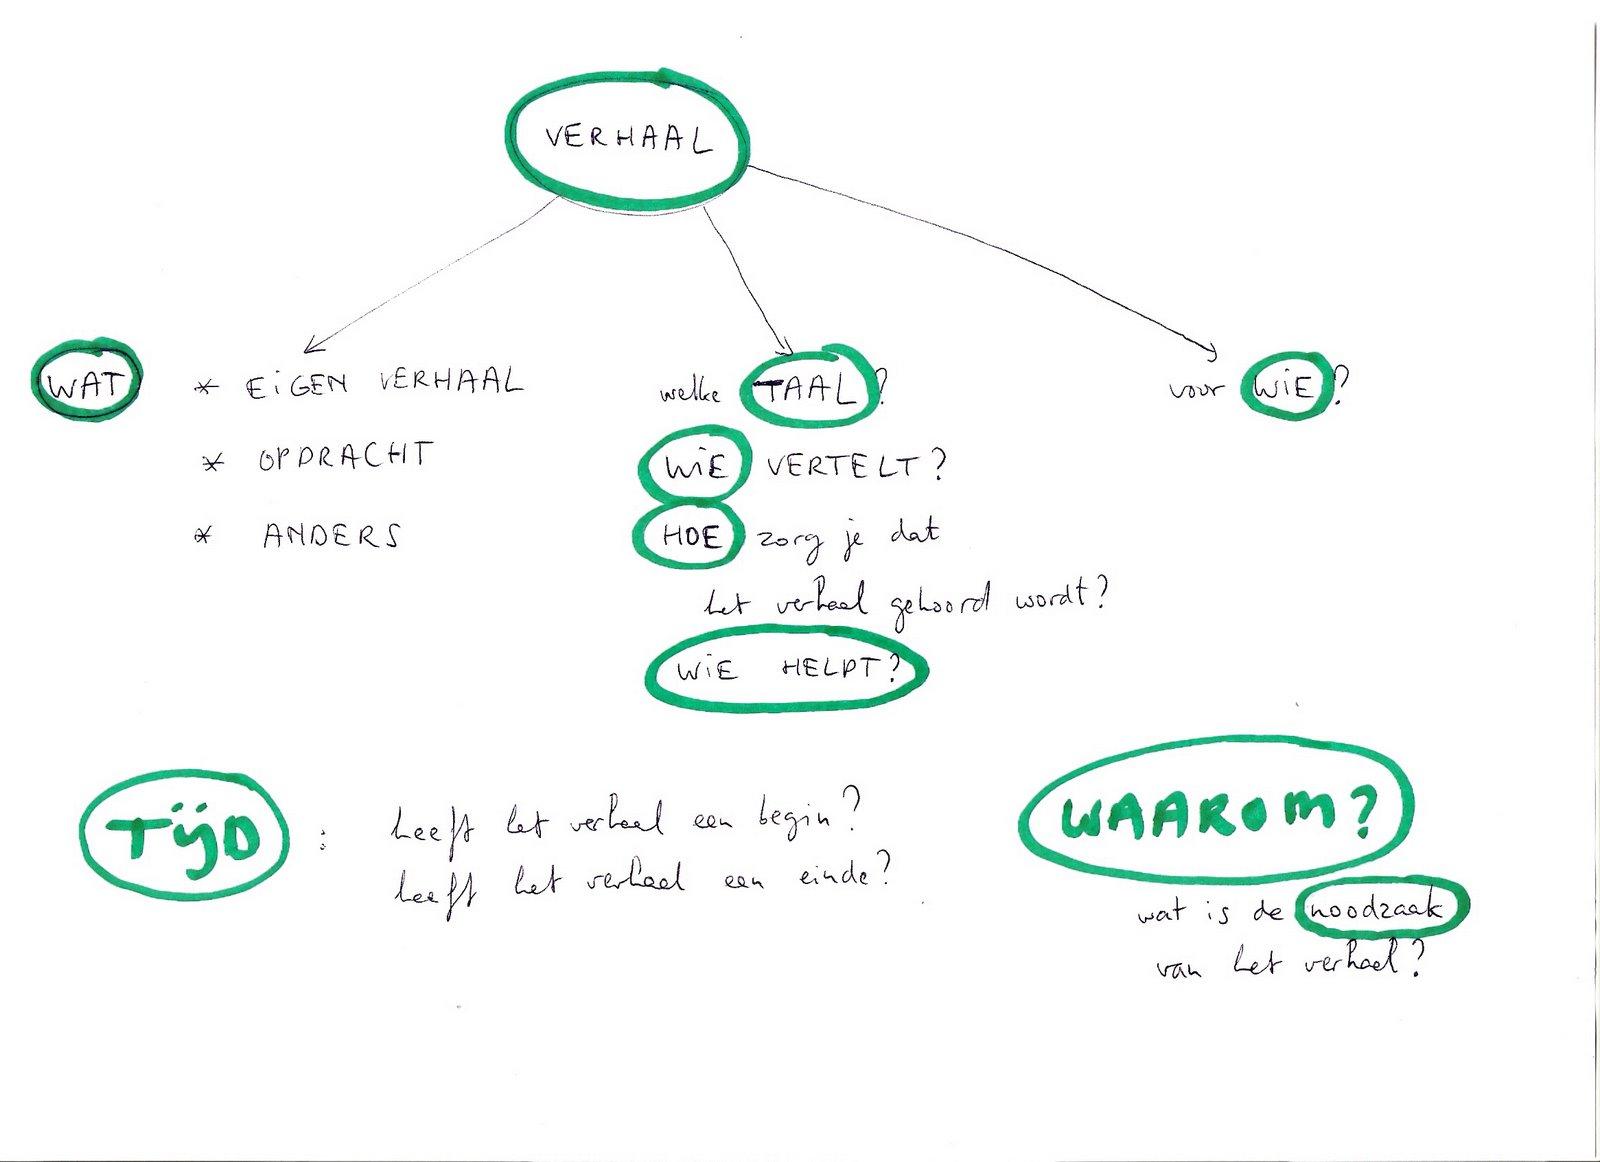 schema 2 beeld en wereld